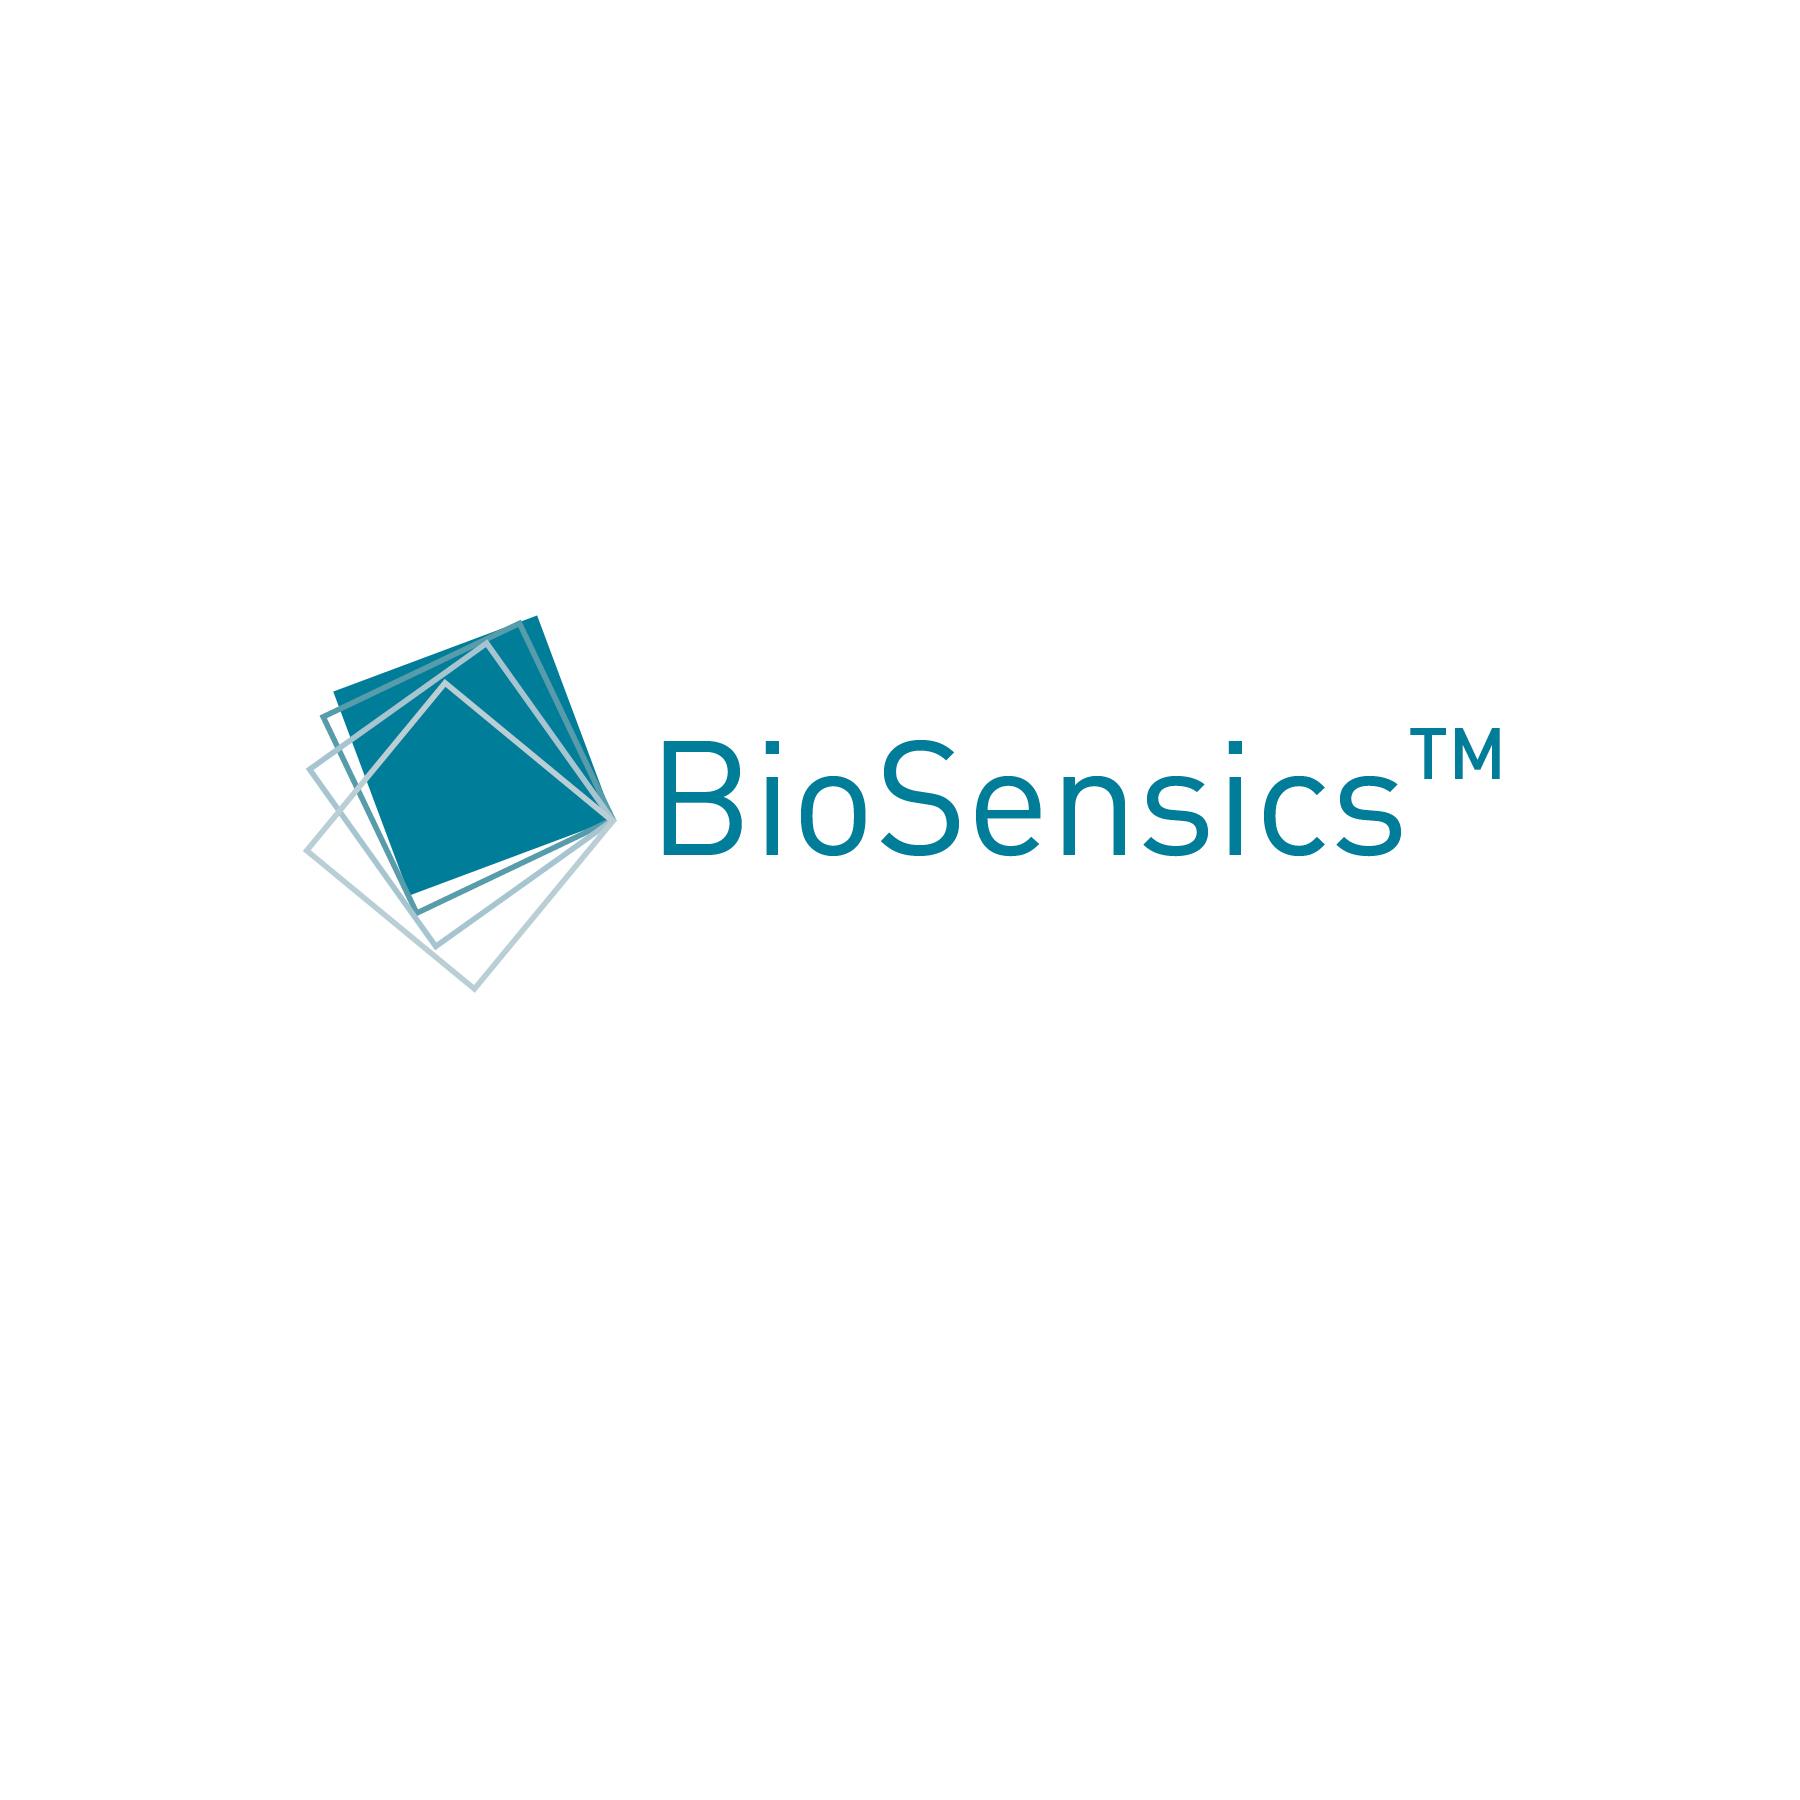 BioSensics